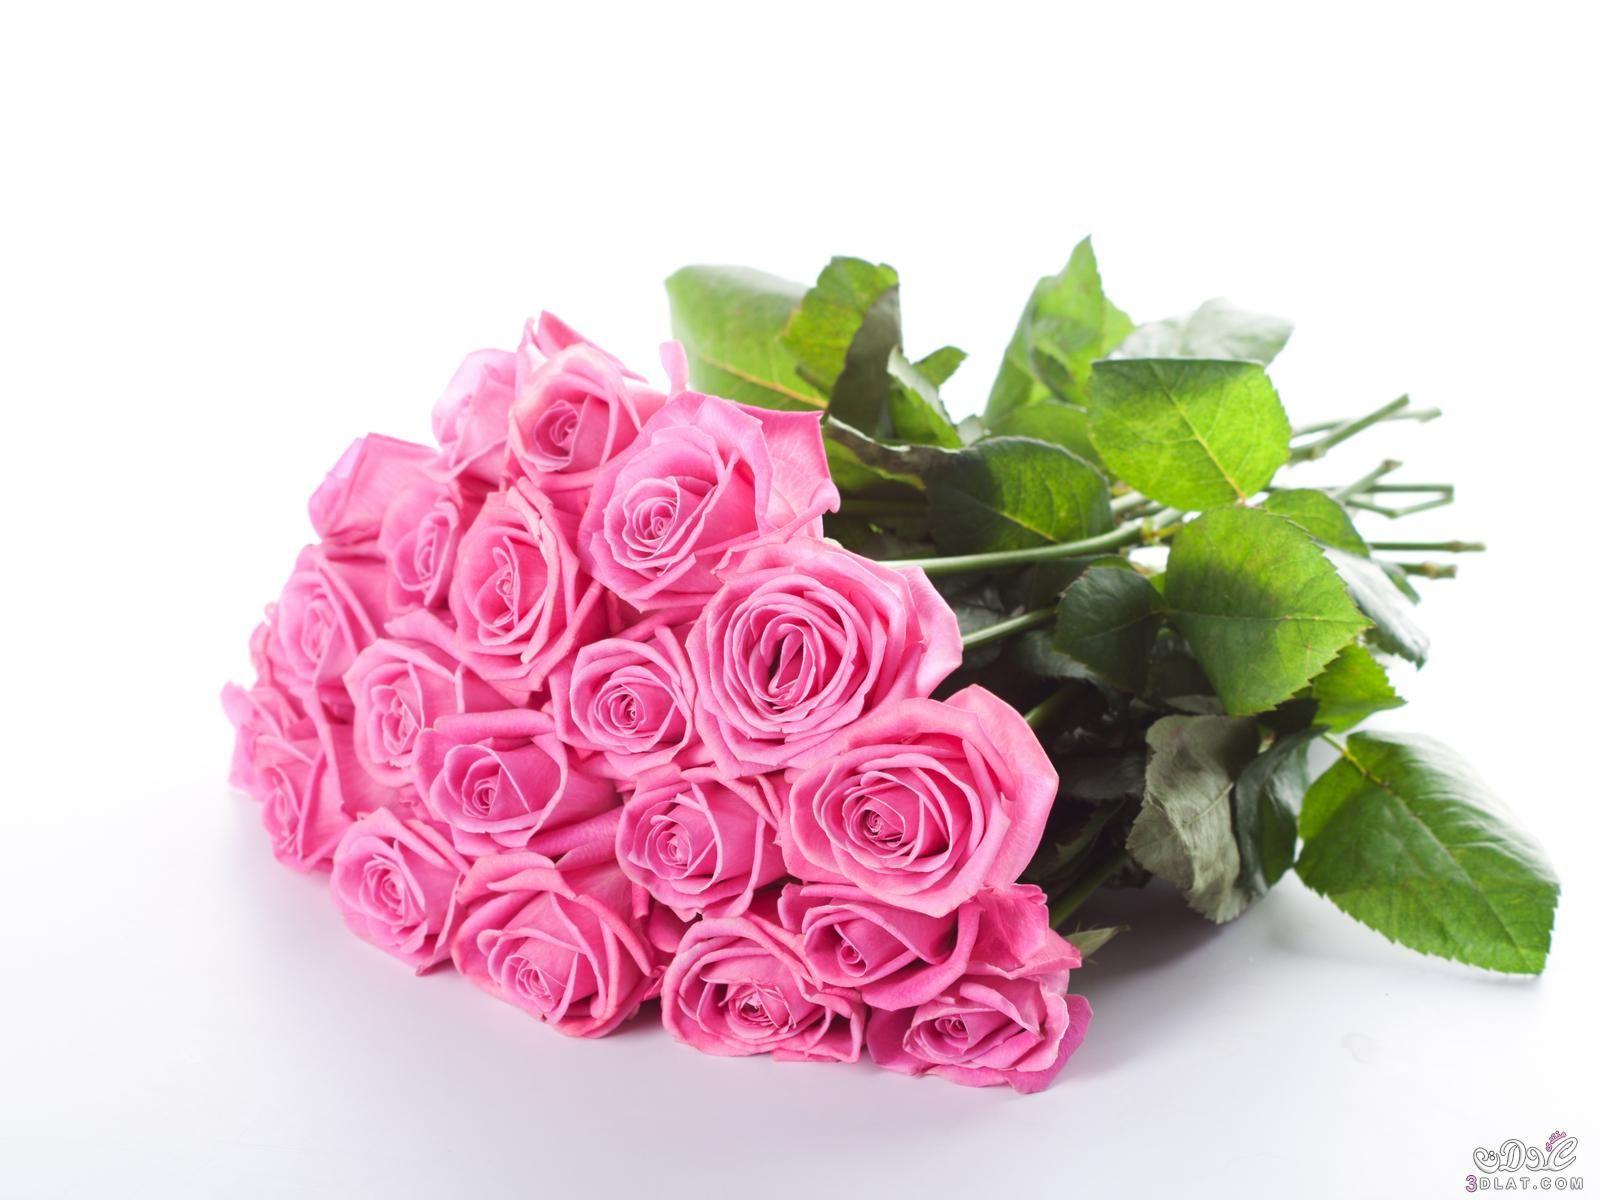 اروع خلفيات ورود 2019 صور ورود رومانسية تحفة 2019 صور زهور مميزة 2019 Rose Flower Wallpaper Hd Flower Wallpaper Pink Rose Flower